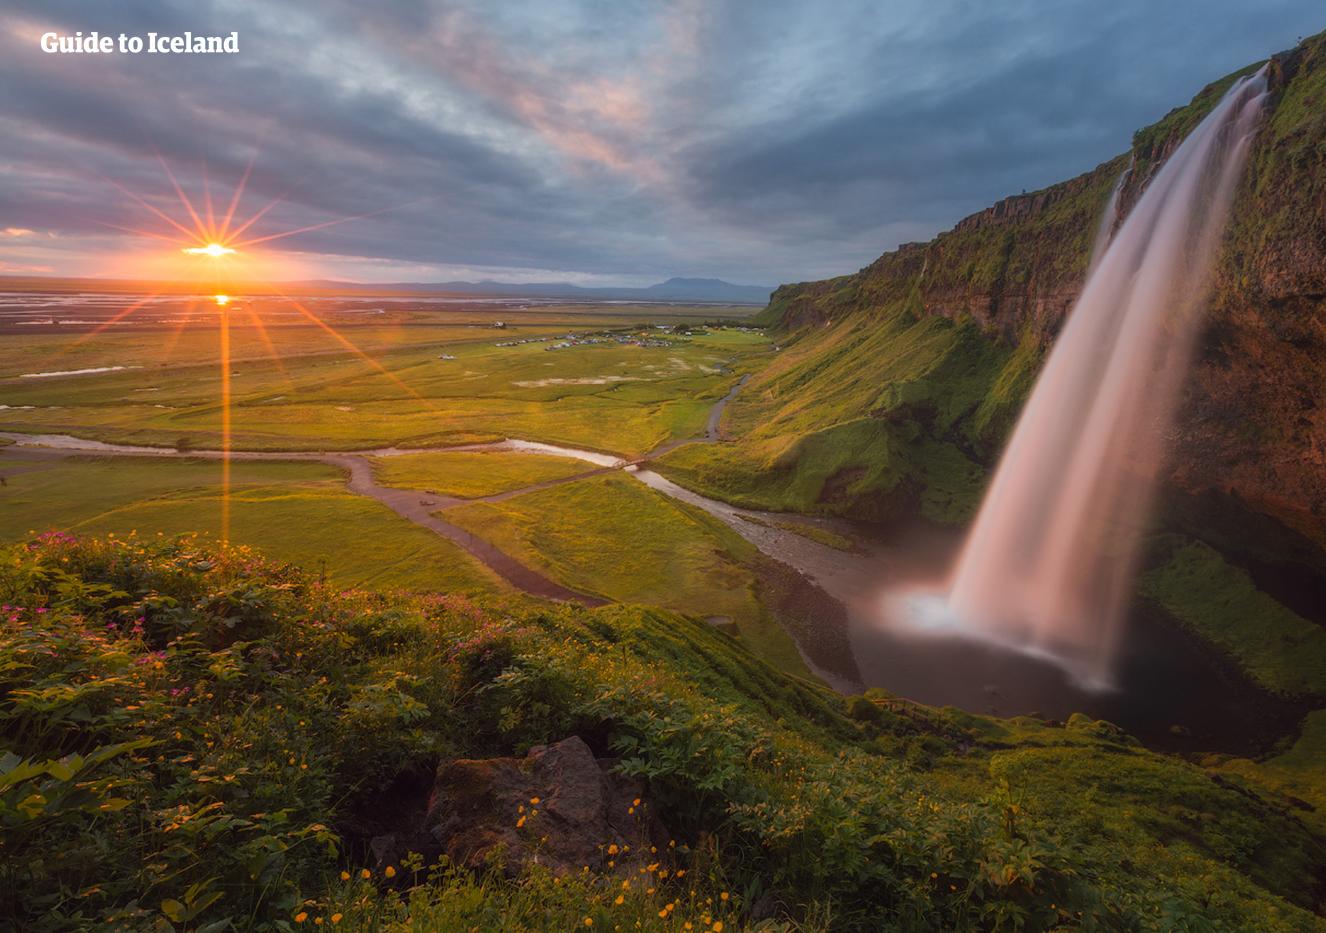 8-dniowe wakacje z samodzielną jazdą na południowym wybrzeżu Islandii i interiorem - day 4